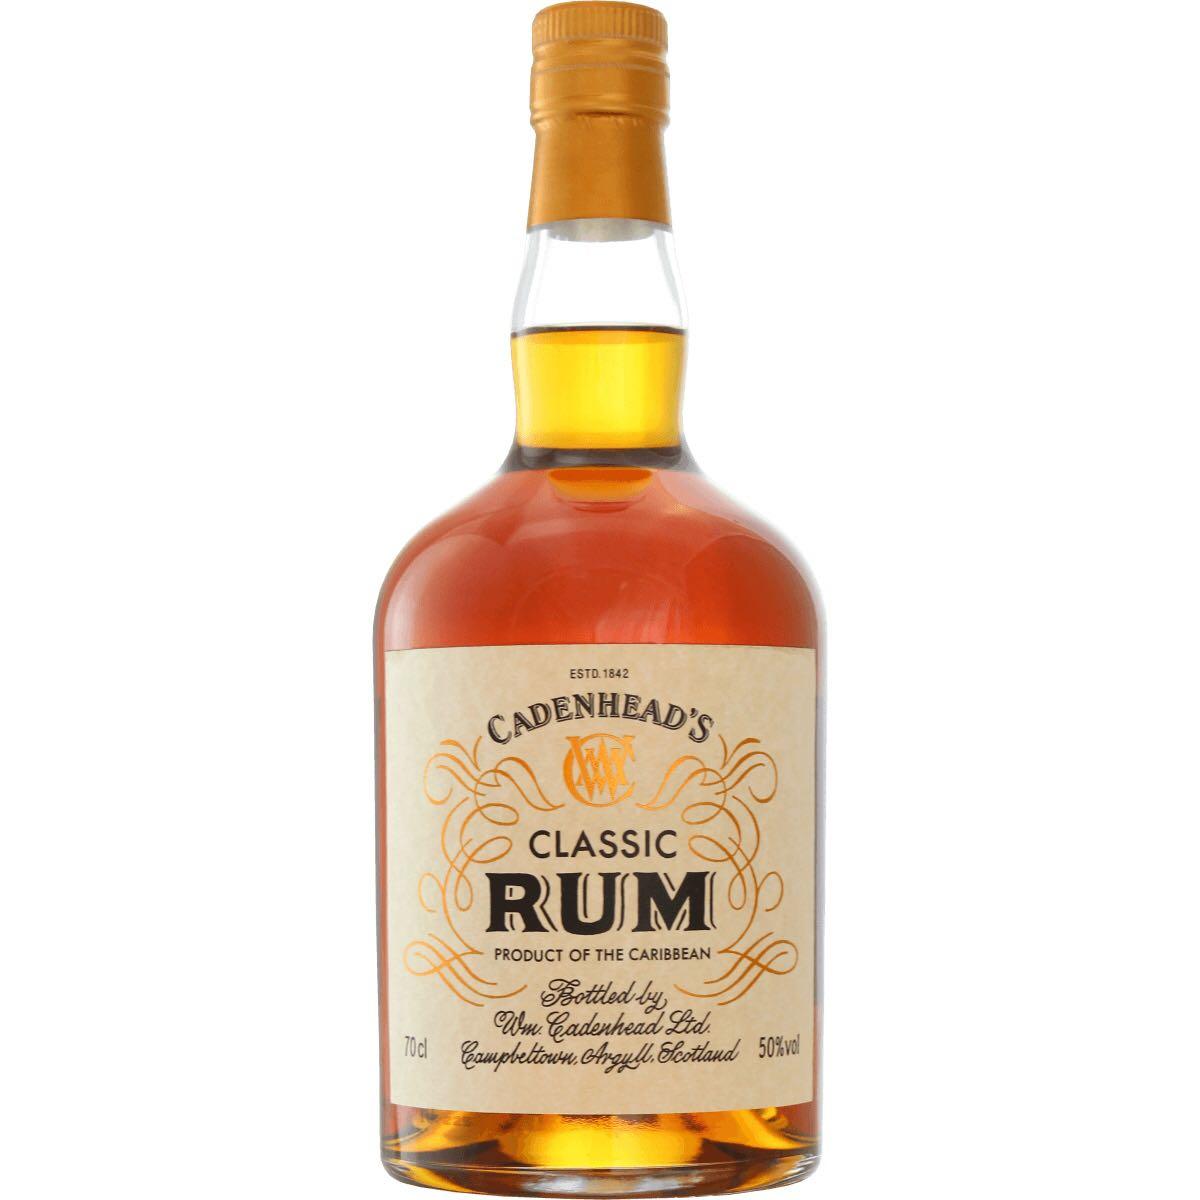 Bottle image of Classic Rum